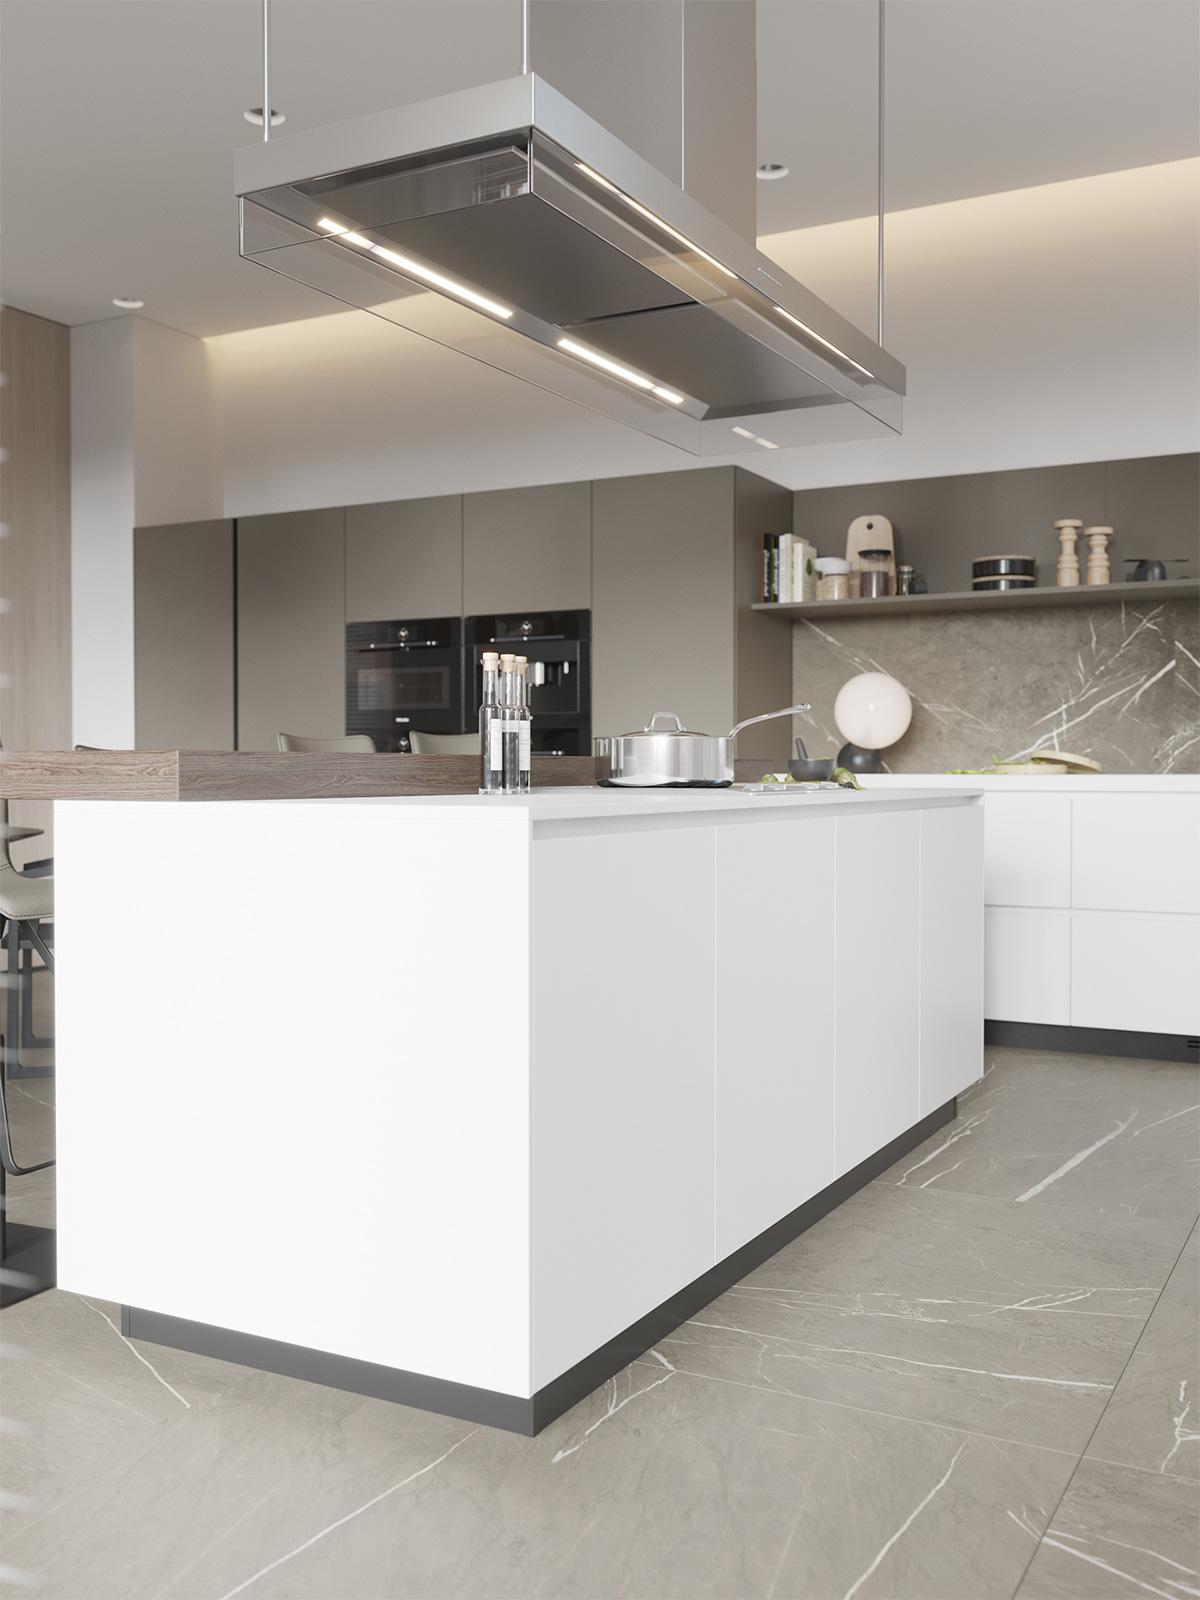 Chiêm ngưỡng thiết kế nội thất căn hộ 88m2 của gia đình 5 thành viên